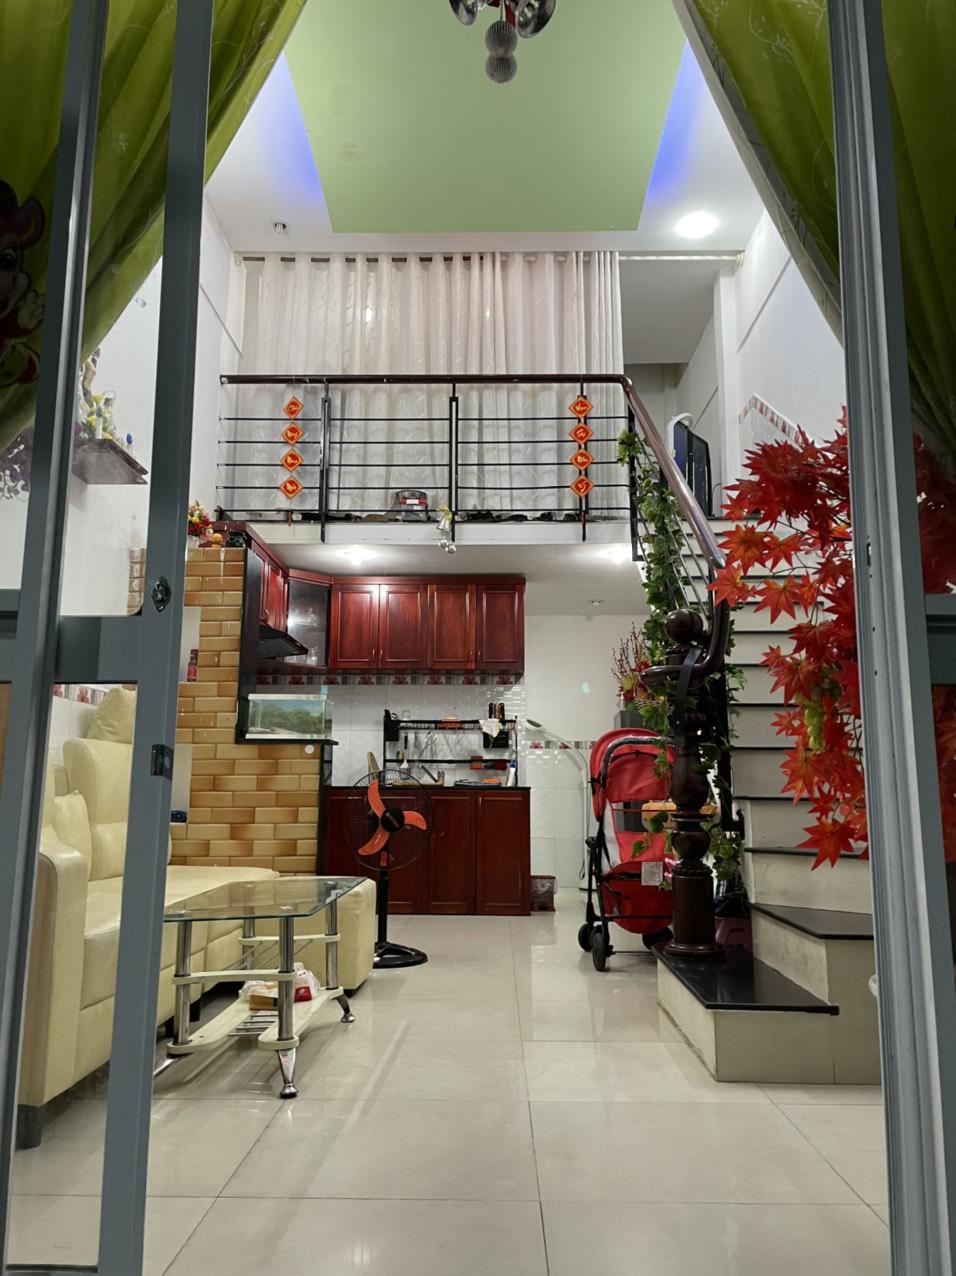 Bán nhà quận Bình Tân dưới 3 tỷ, hẻm 6m đường số 5 Bình Hưng Hòa A